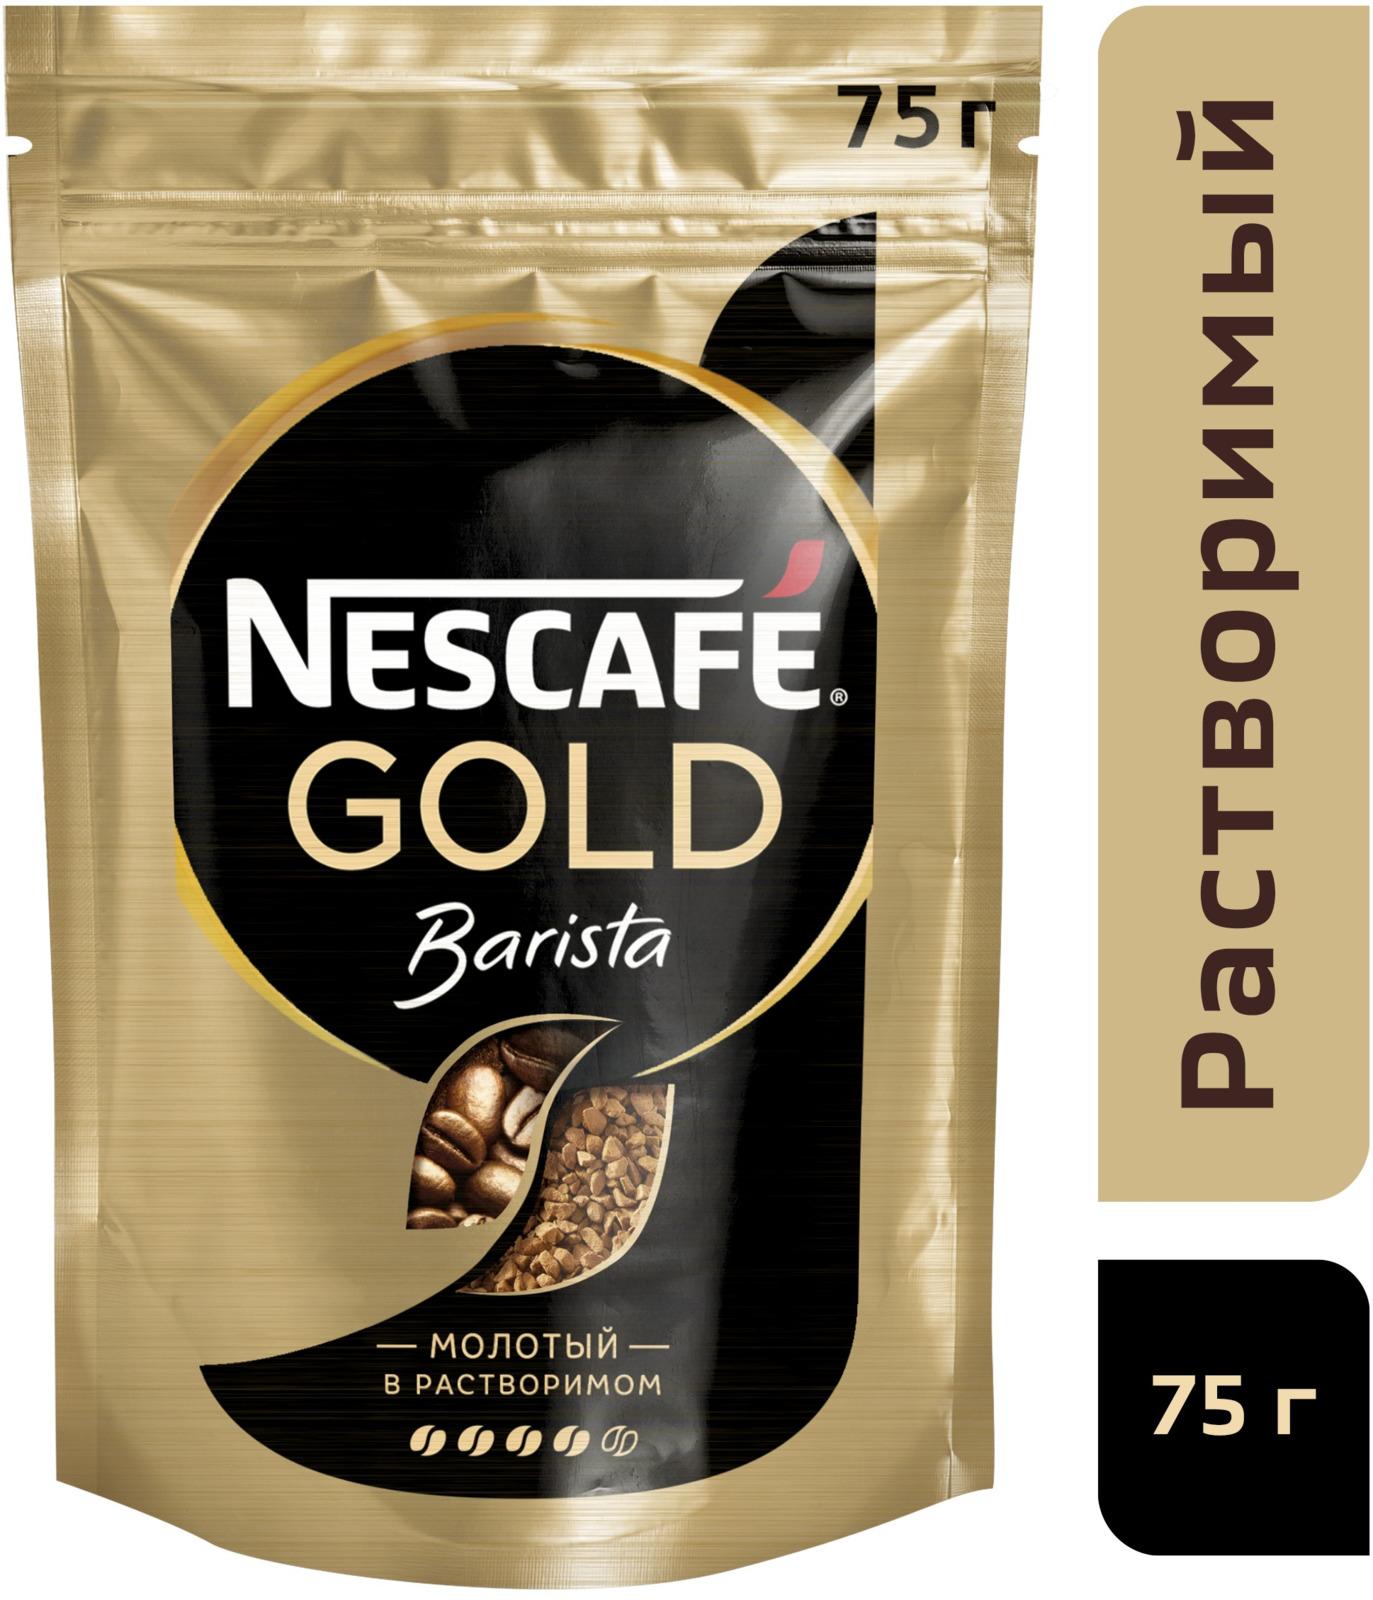 Nescafe Gold Barista кофе растворимый сублимированный, 75 г